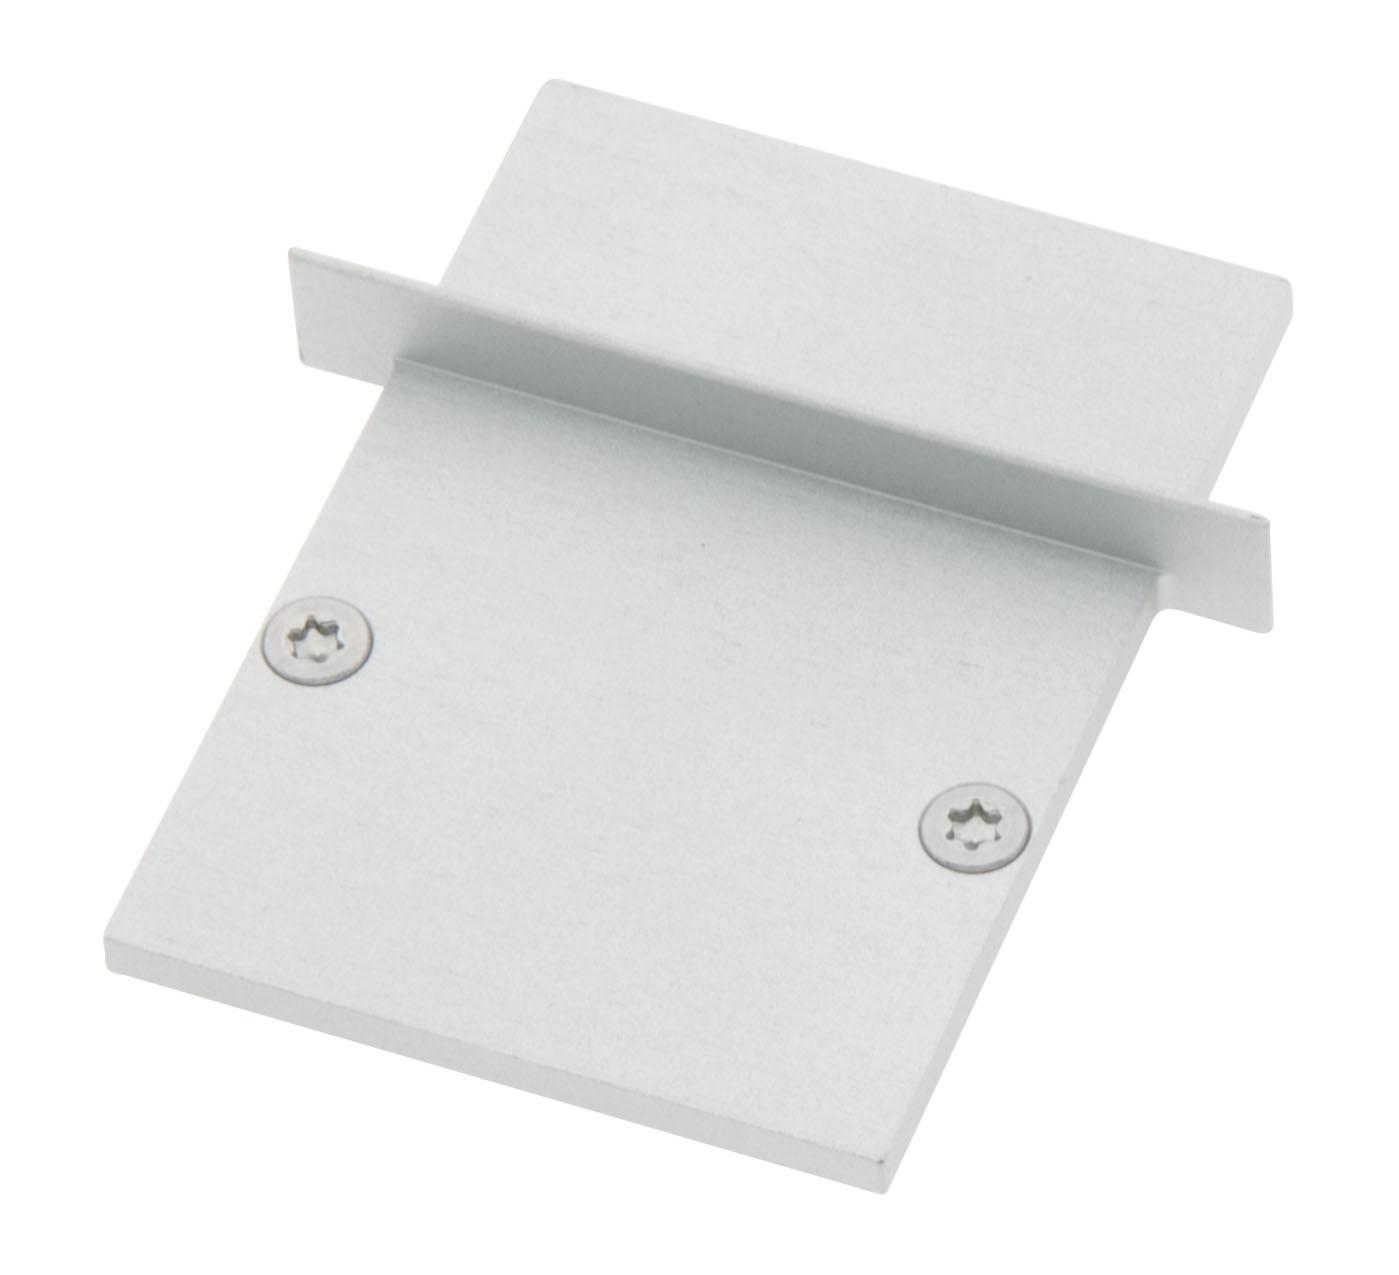 1 Stk Profil Endkappe CLI Eckig geschlossen inkl. Schrauben LIEK006320